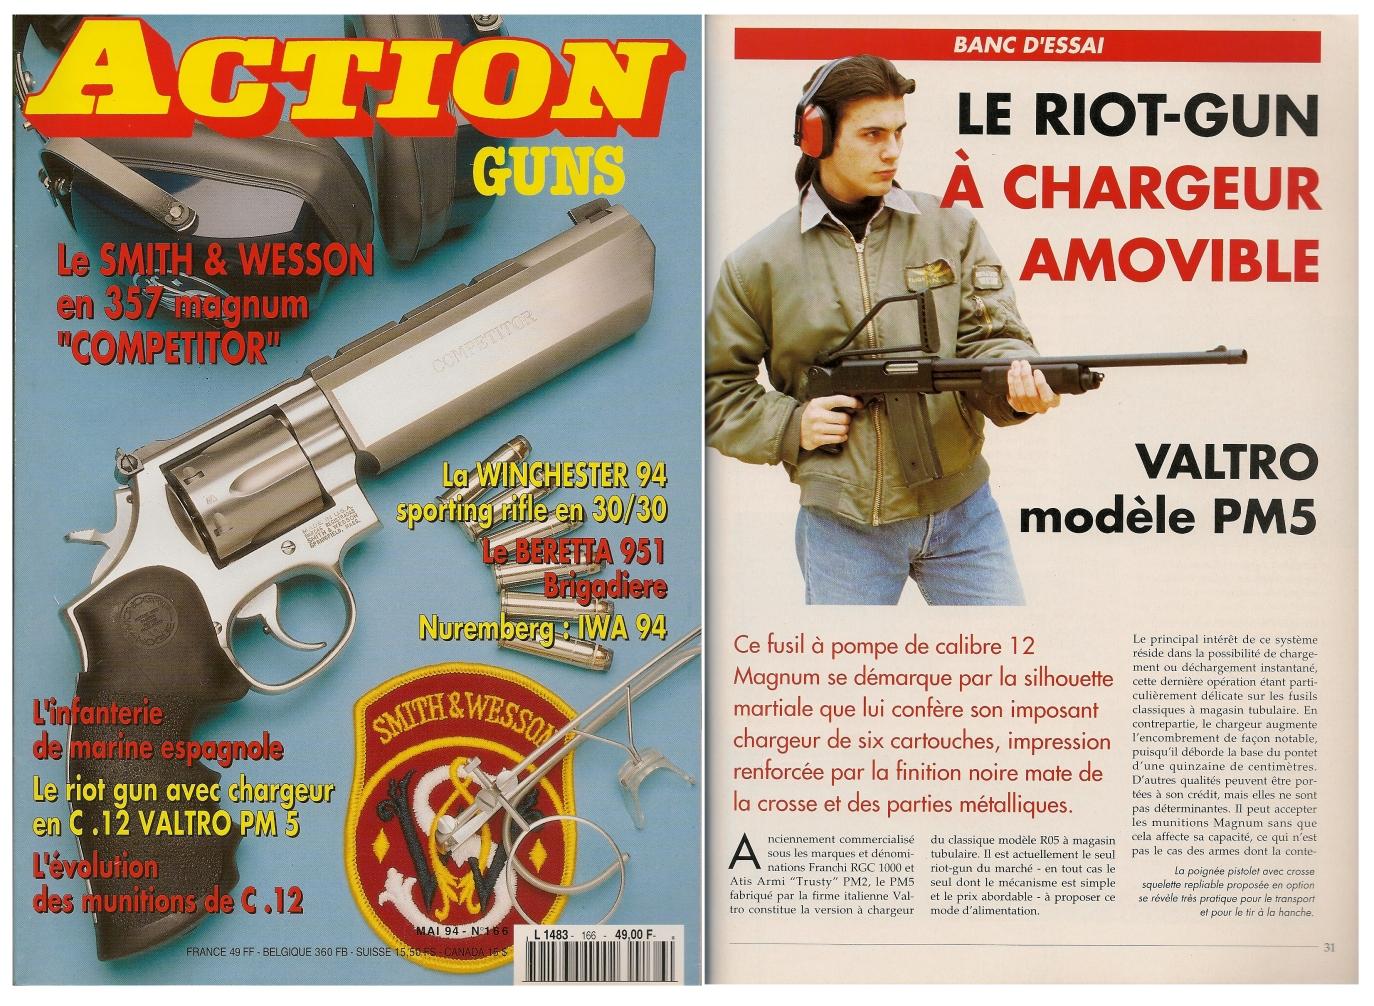 Le banc d'essai du riot-gun Valtro modèle PM5 a été publié sur 6 pages dans le magazine Action Guns n° 166 (mai 1994).